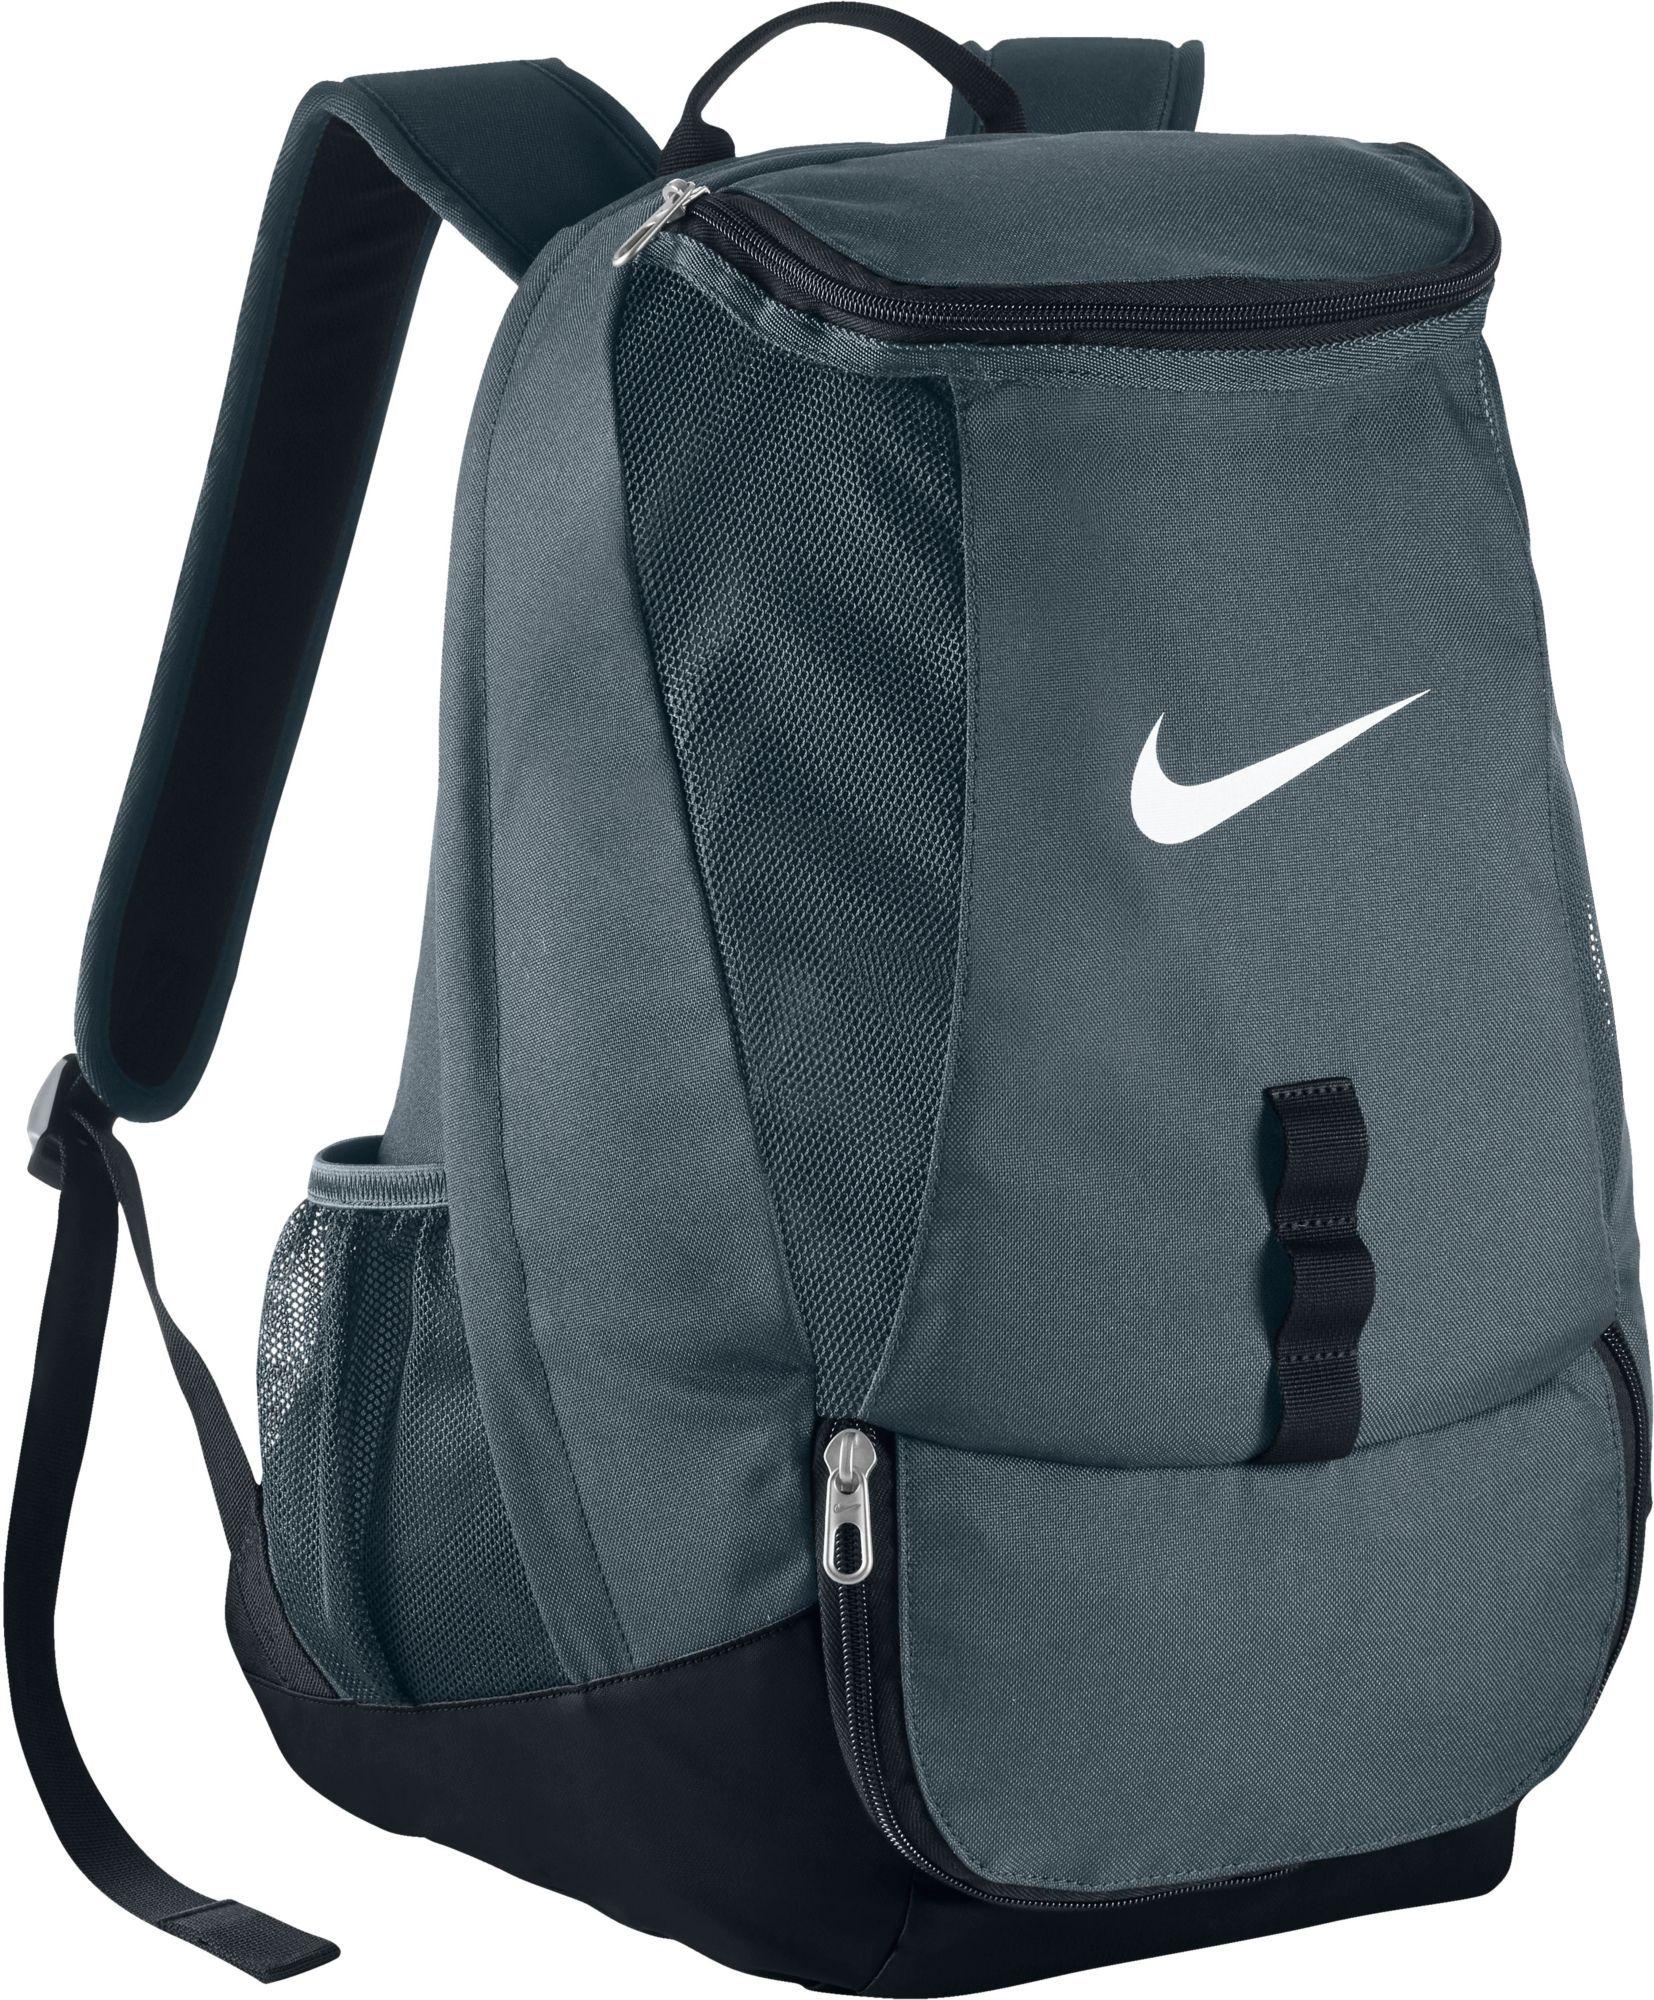 30beb0fce Nike Club Team Swoosh Soccer Backpack, Gray Nike Club Team Swoosh Soccer  Backpack Basketball Equipment